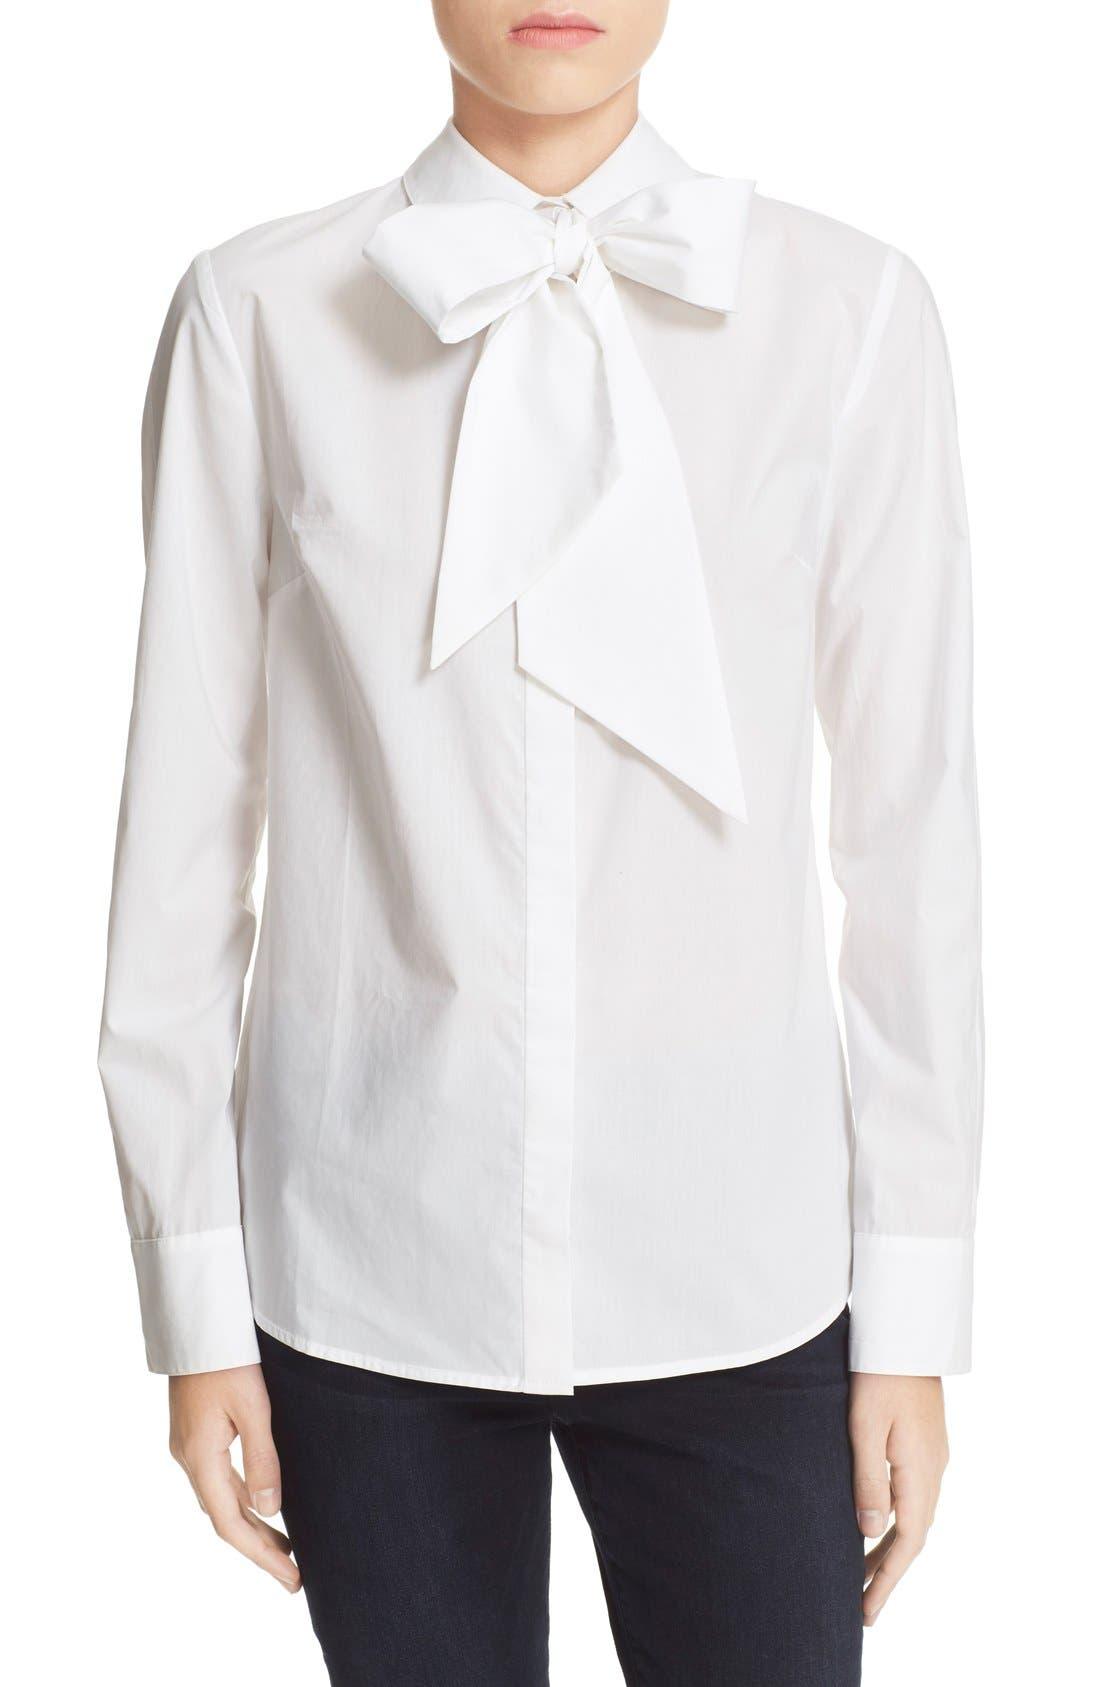 Main Image - FRAME 'Le Bowtie' Removable Tie Cotton Poplin Blouse